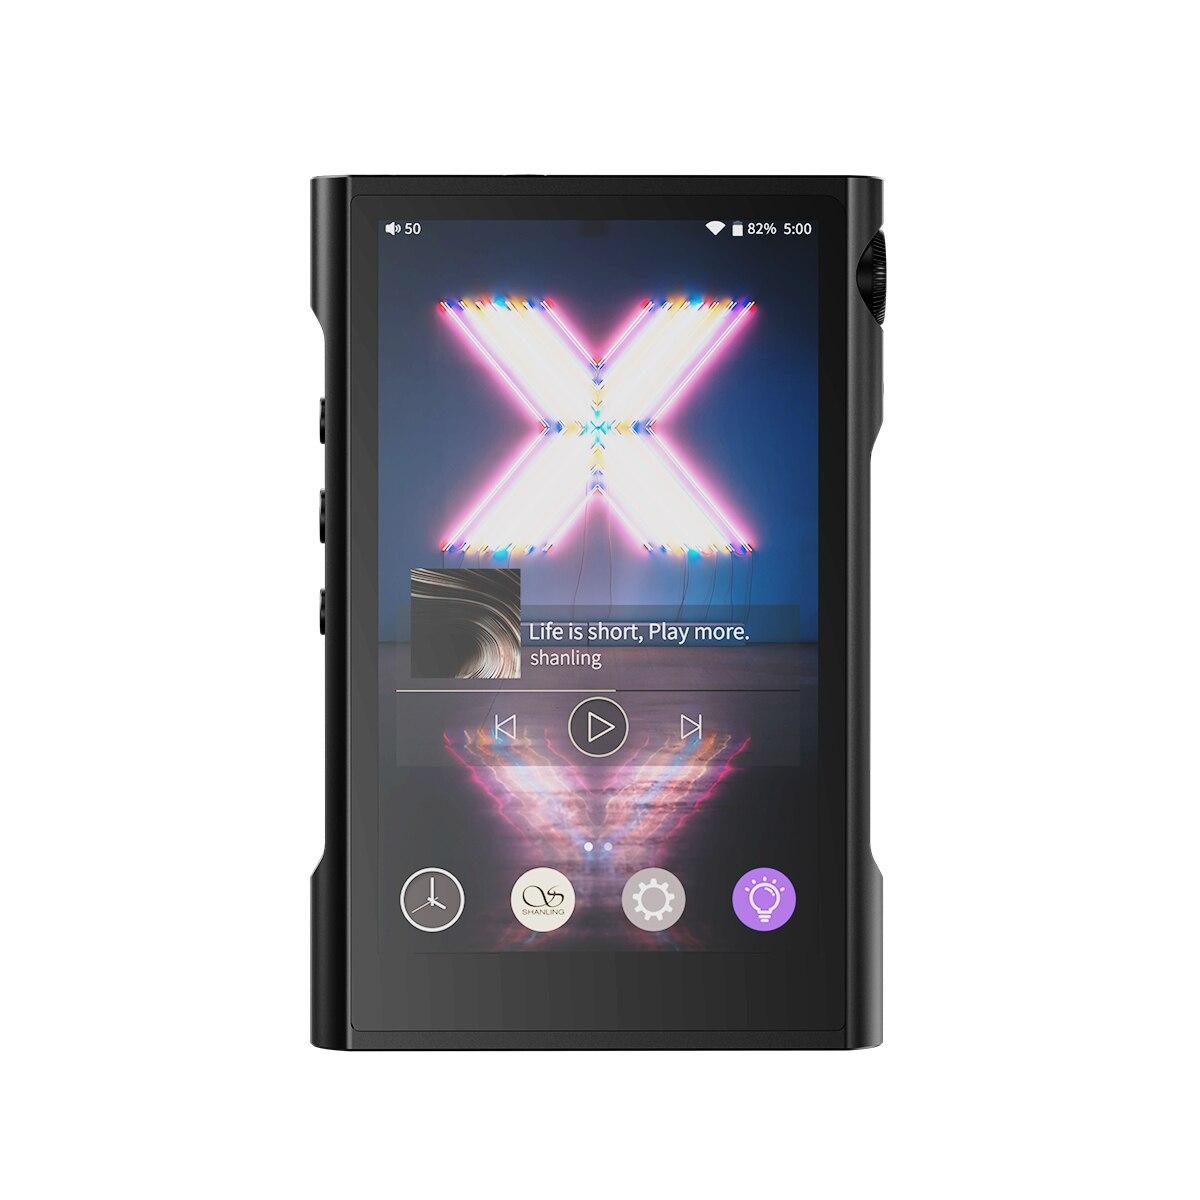 [해외] AK SHANLING M3X MQA 안드로이드 MP3 플레이어 블루투스 듀얼 ES9219C LDAC LHDC DSD256 32 비트/384KHZ 고해상도 휴대용 음악 DAP Q1